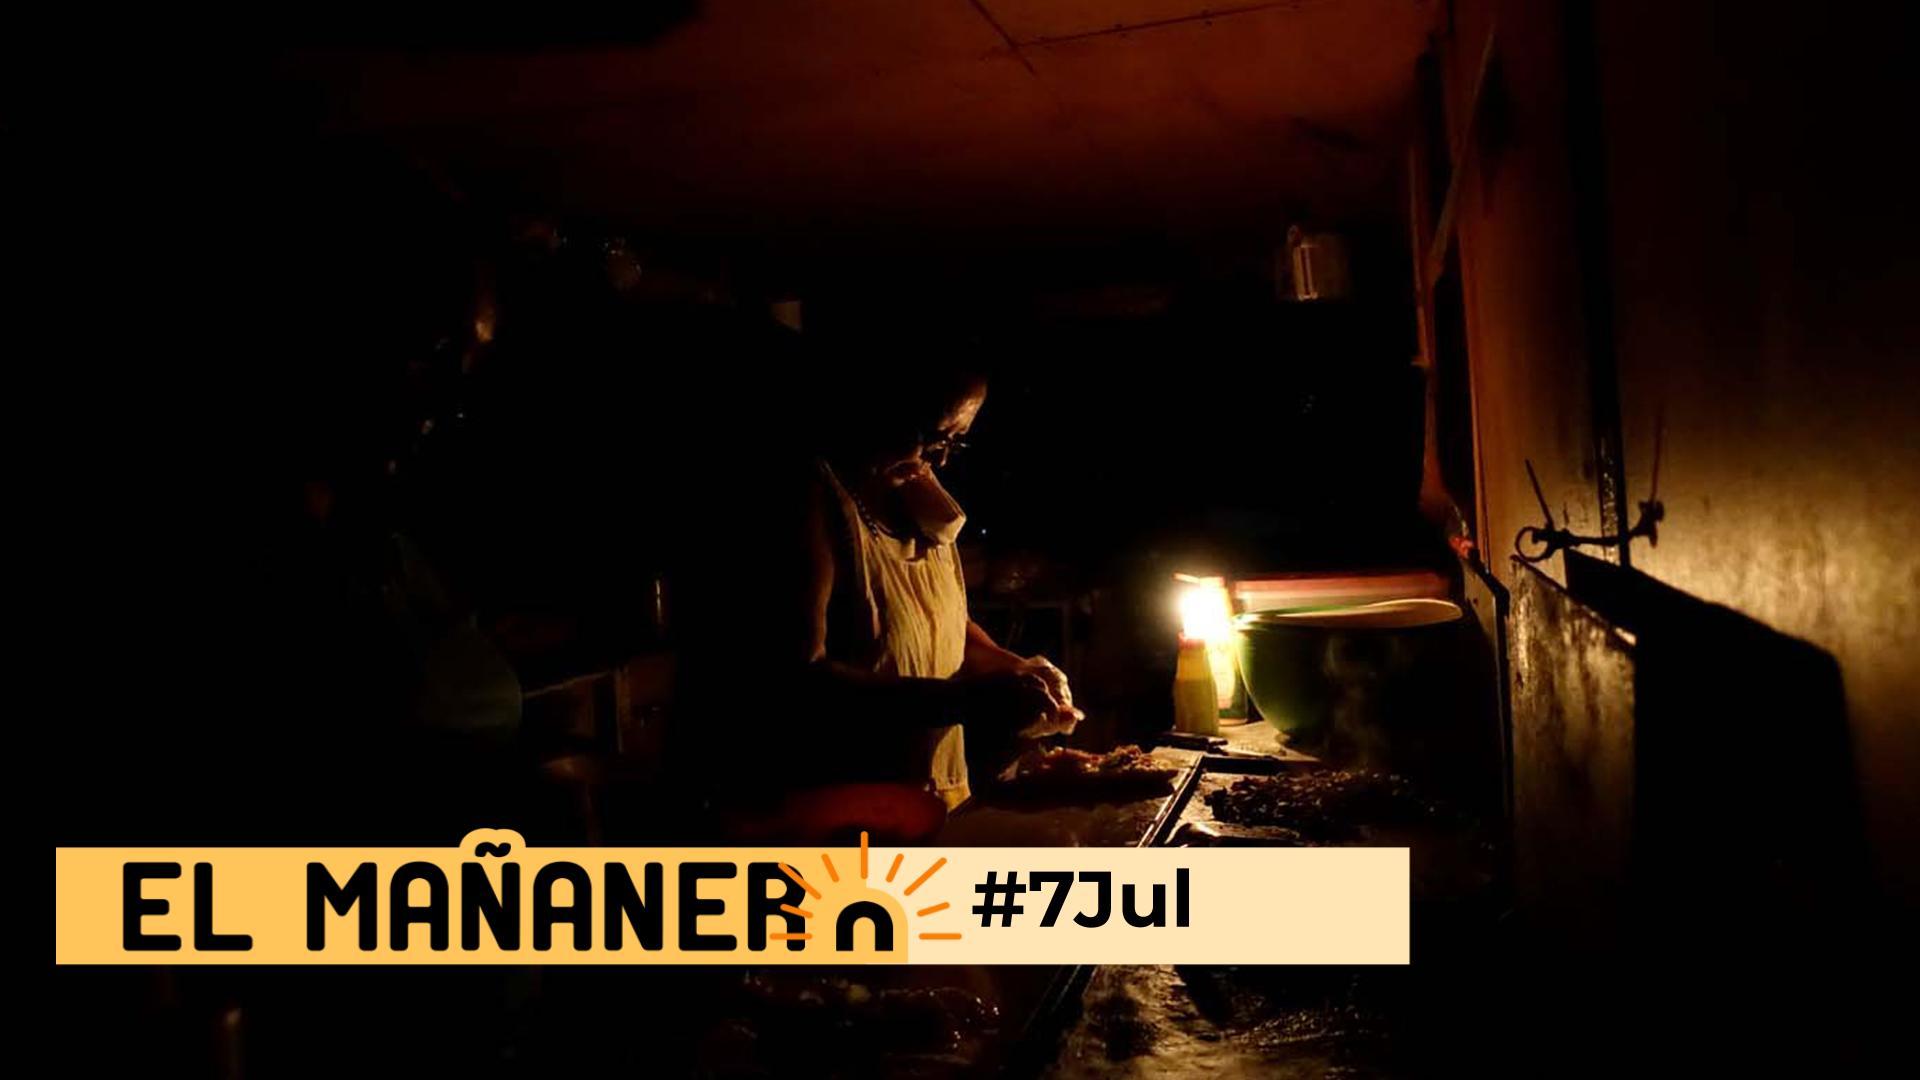 El Mañanero de hoy #7Jul: Las 8 noticias que debes saber